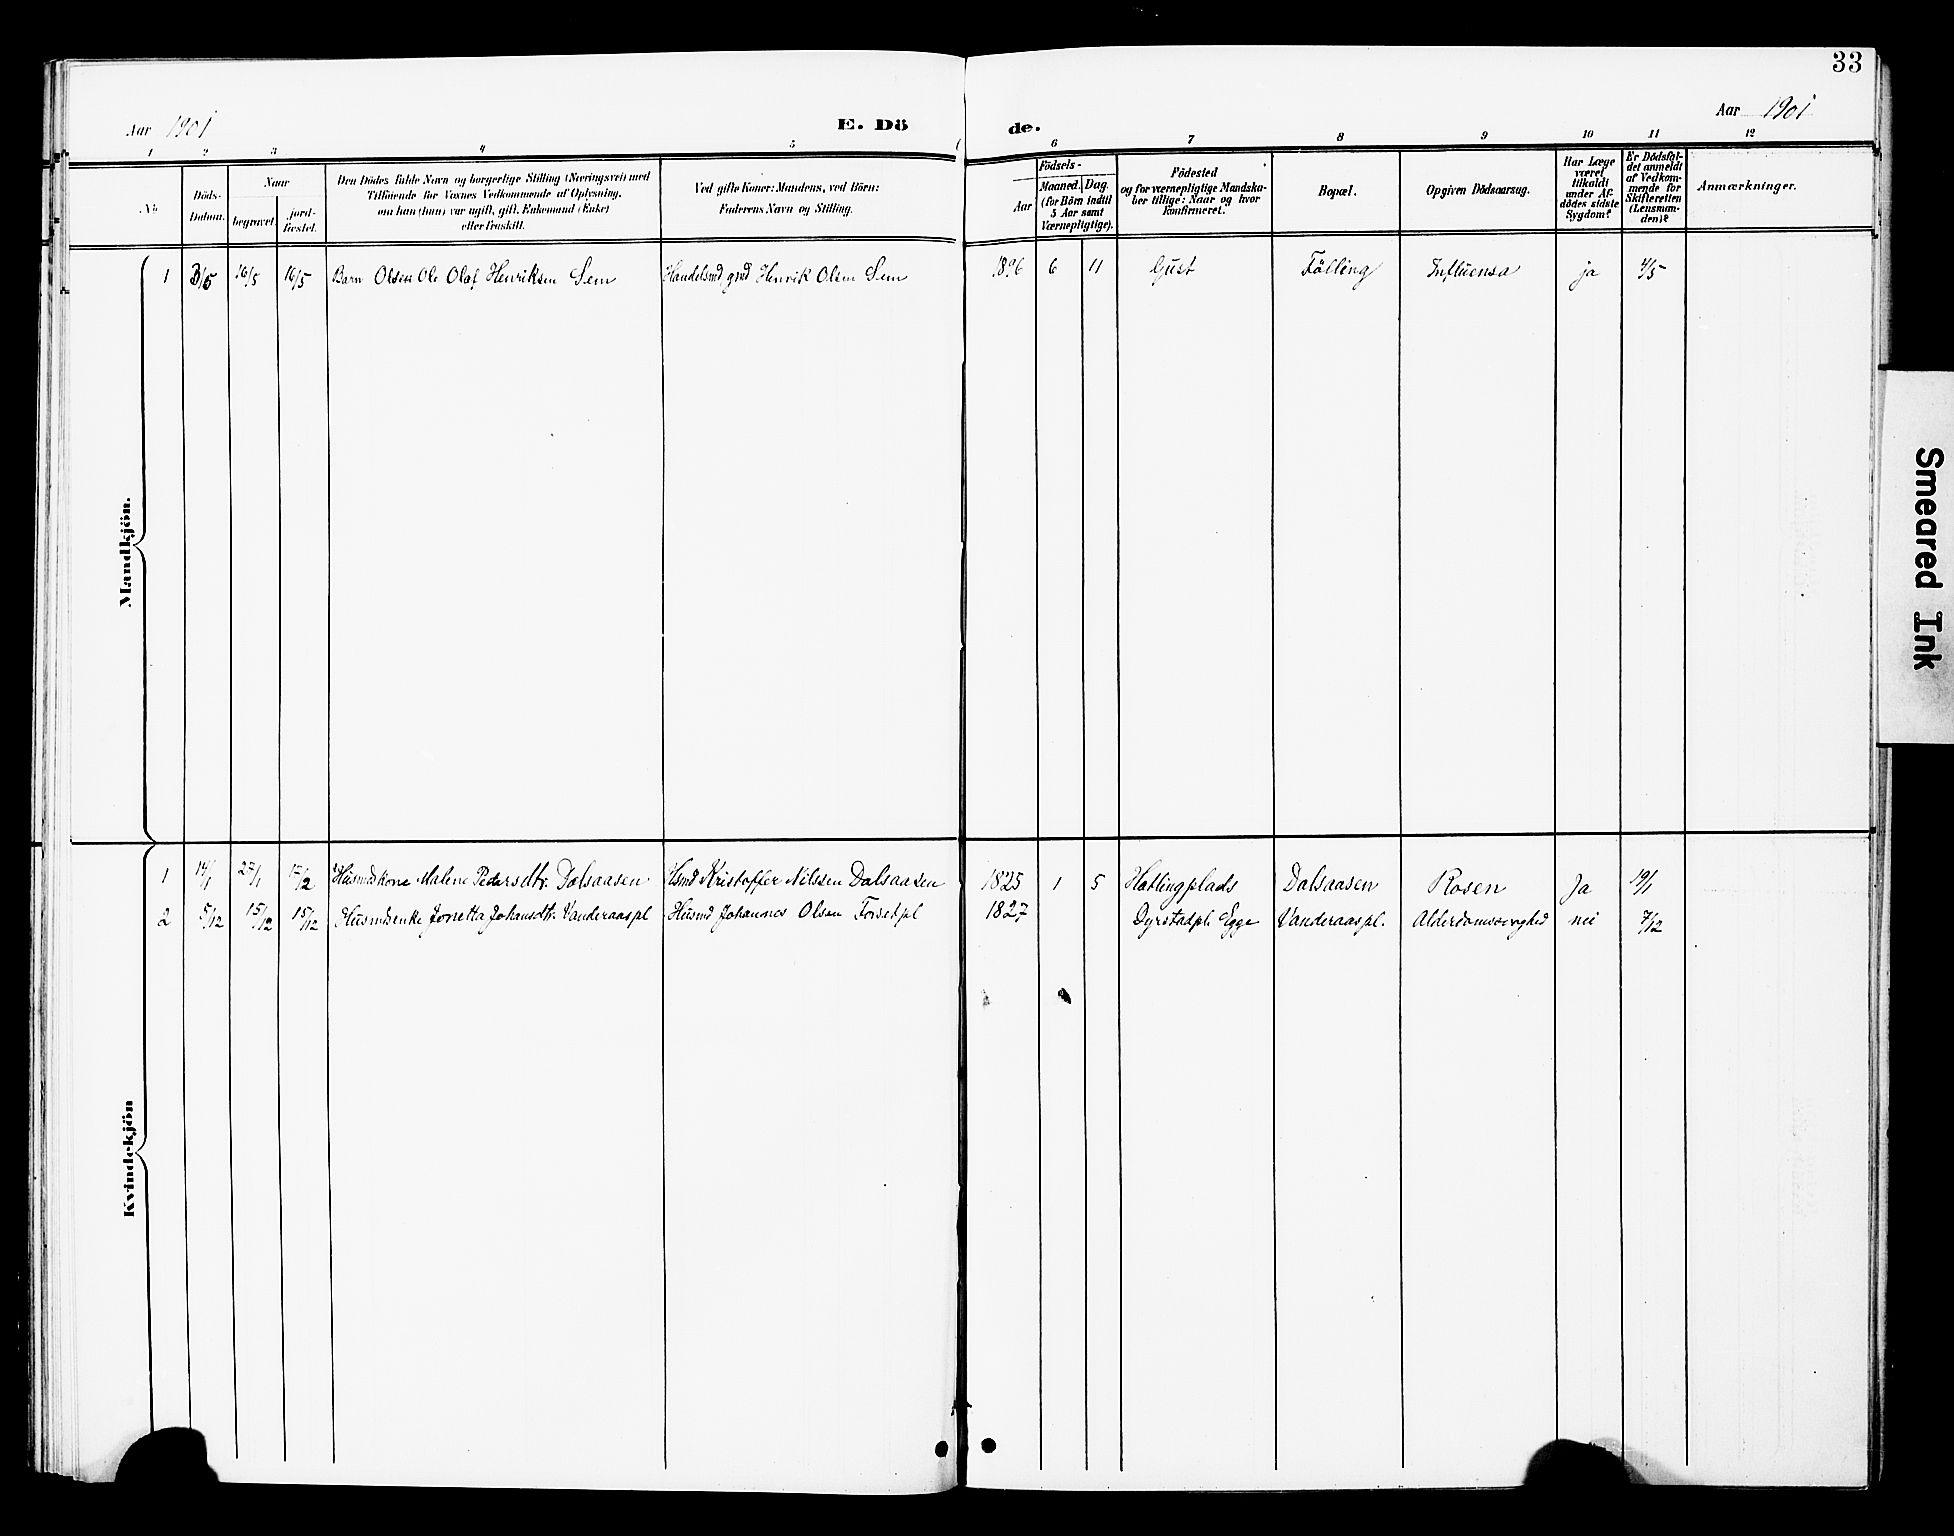 SAT, Ministerialprotokoller, klokkerbøker og fødselsregistre - Nord-Trøndelag, 748/L0464: Ministerialbok nr. 748A01, 1900-1908, s. 33